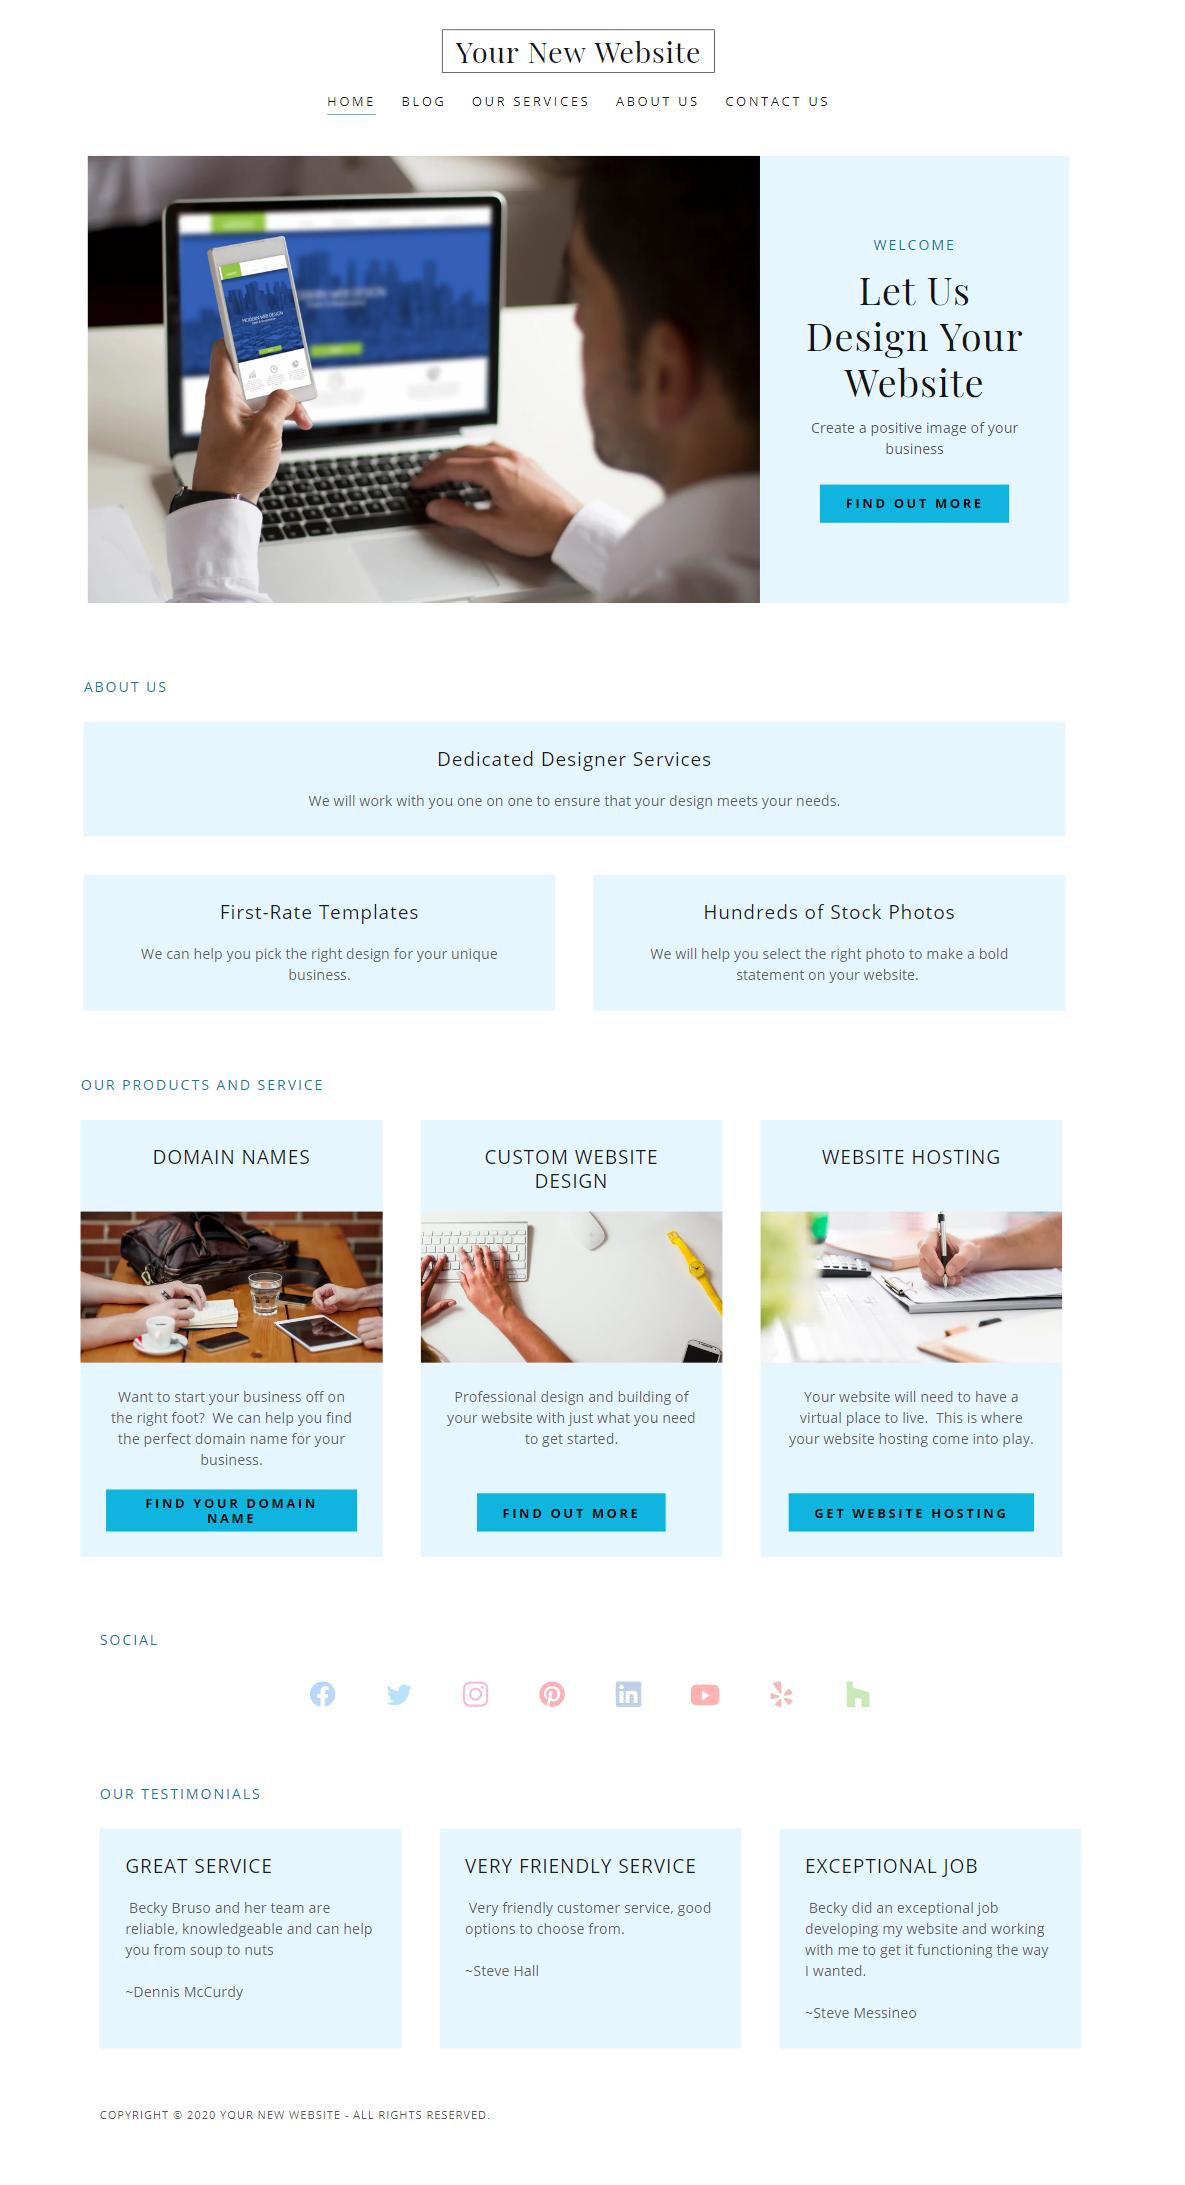 Sample Website Home Page Design